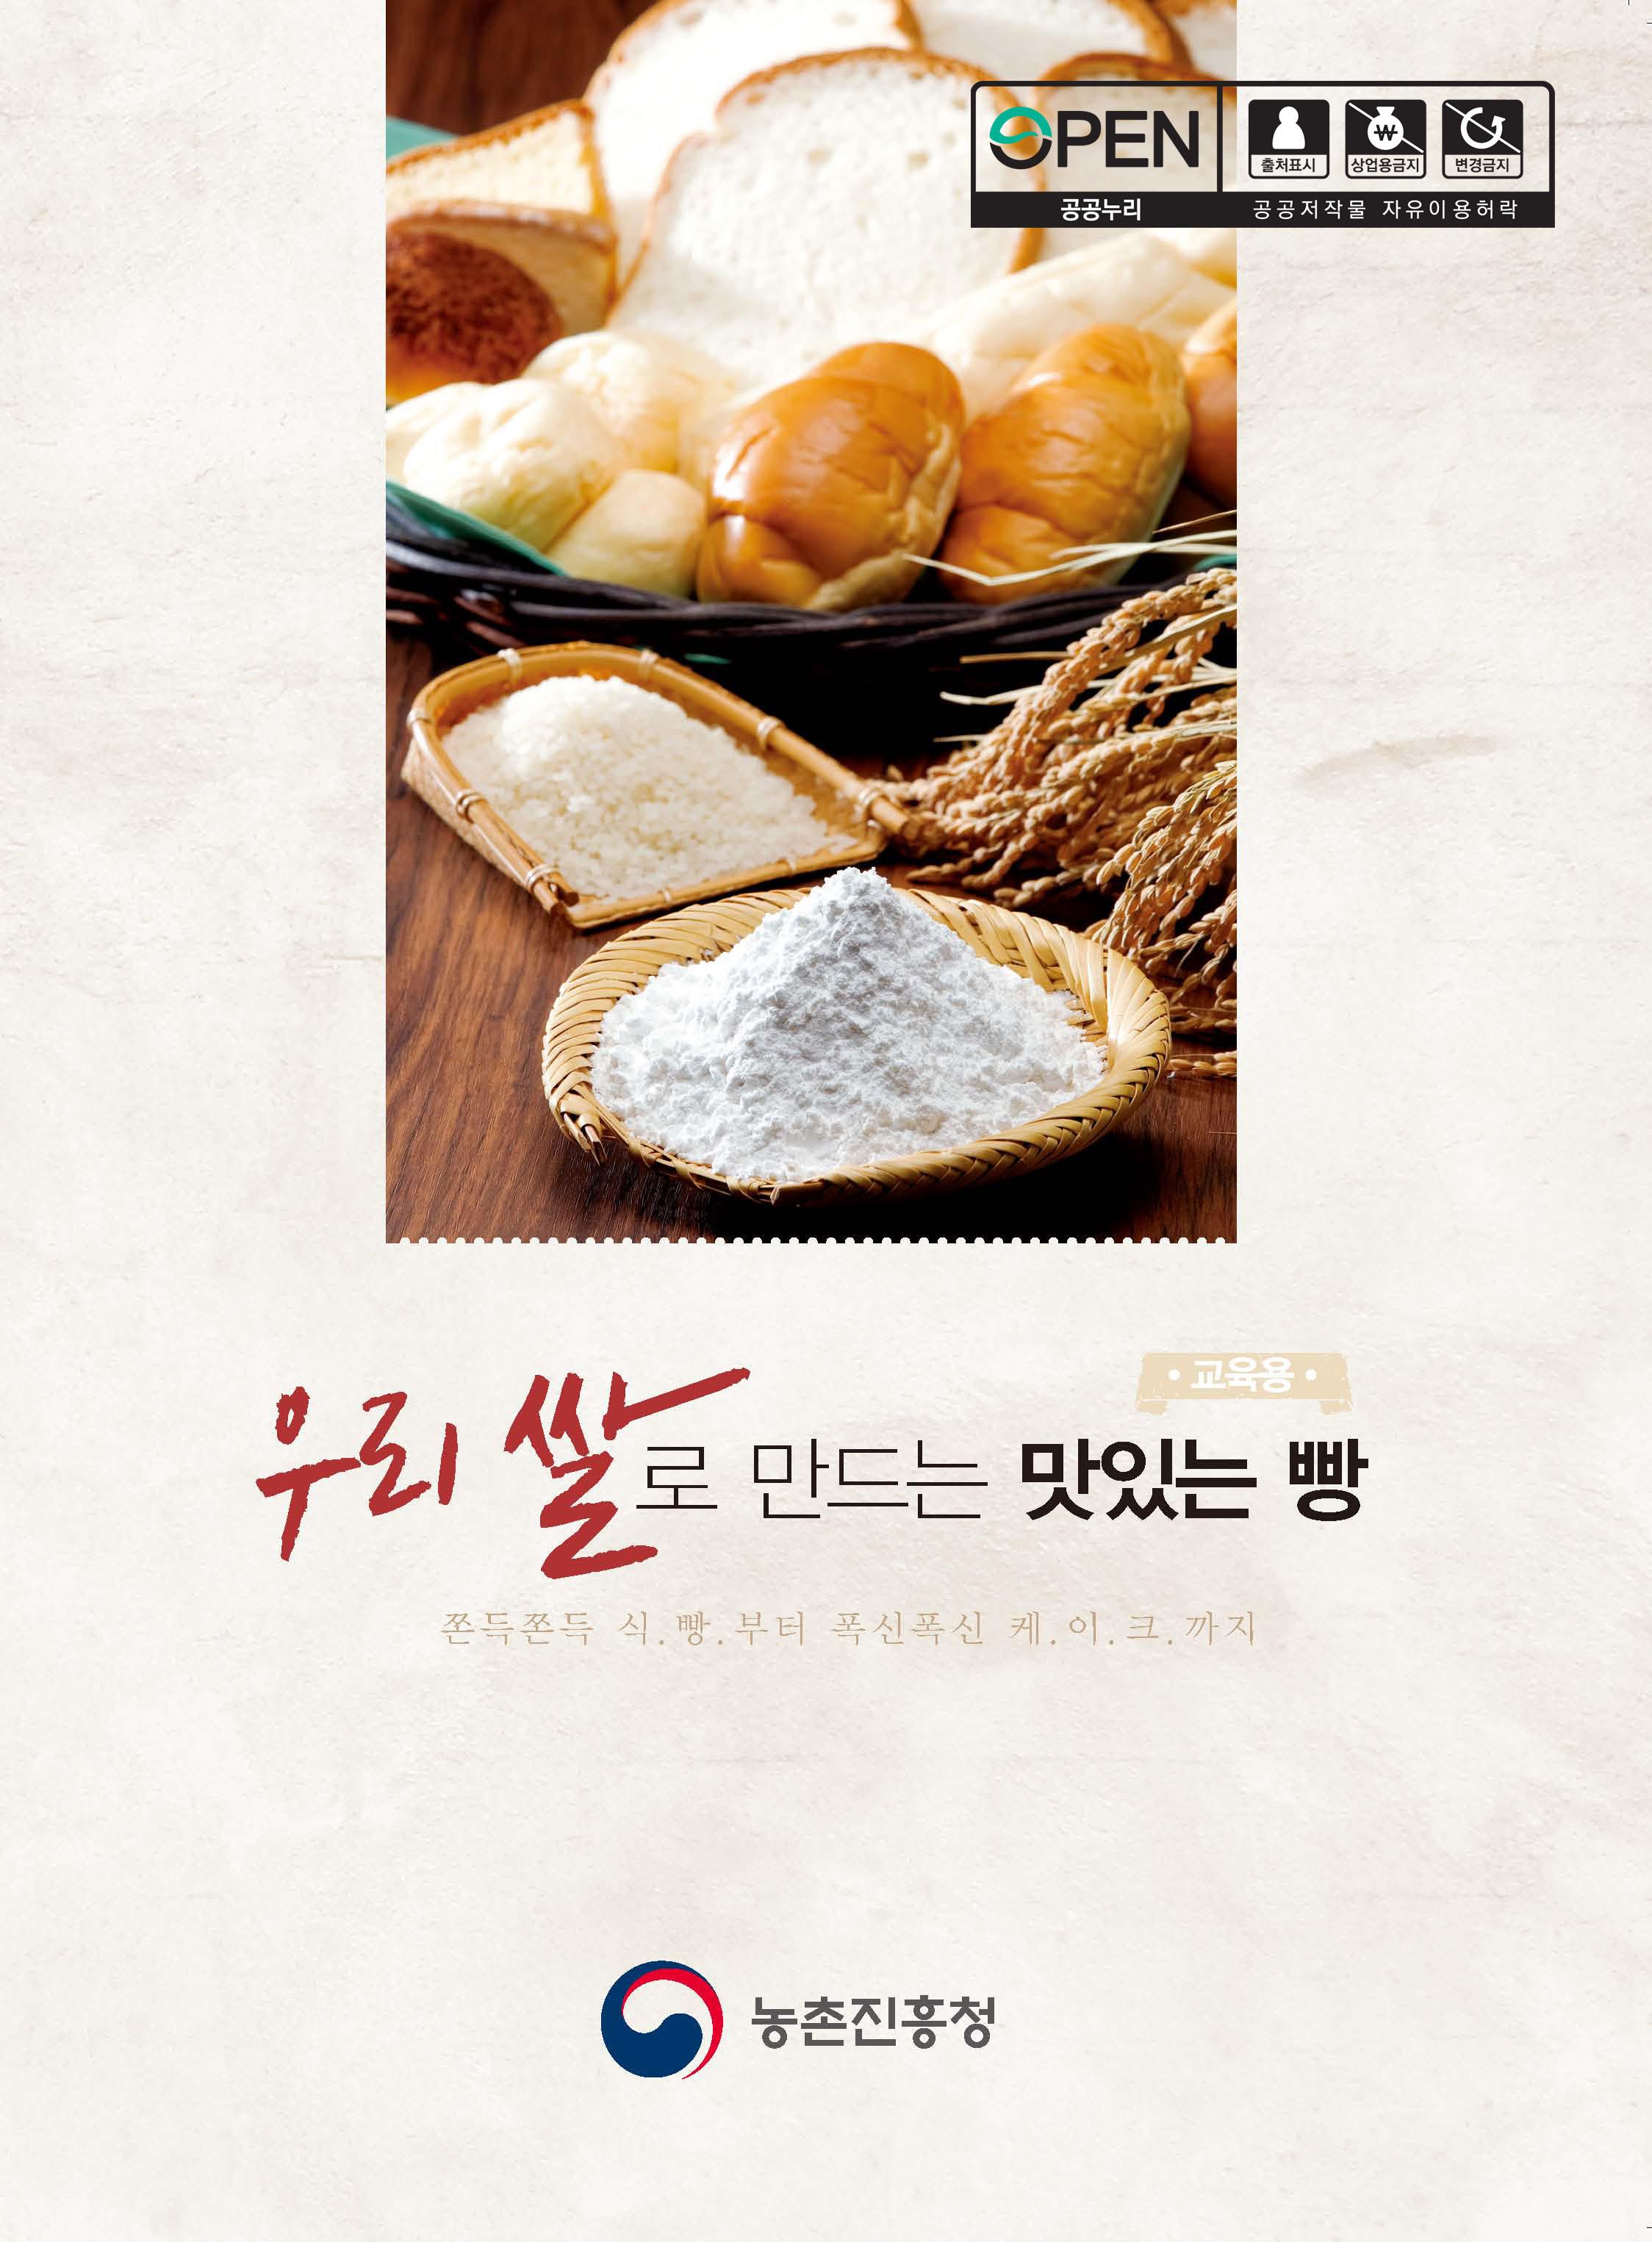 우리쌀로 만드는 맛있는 빵